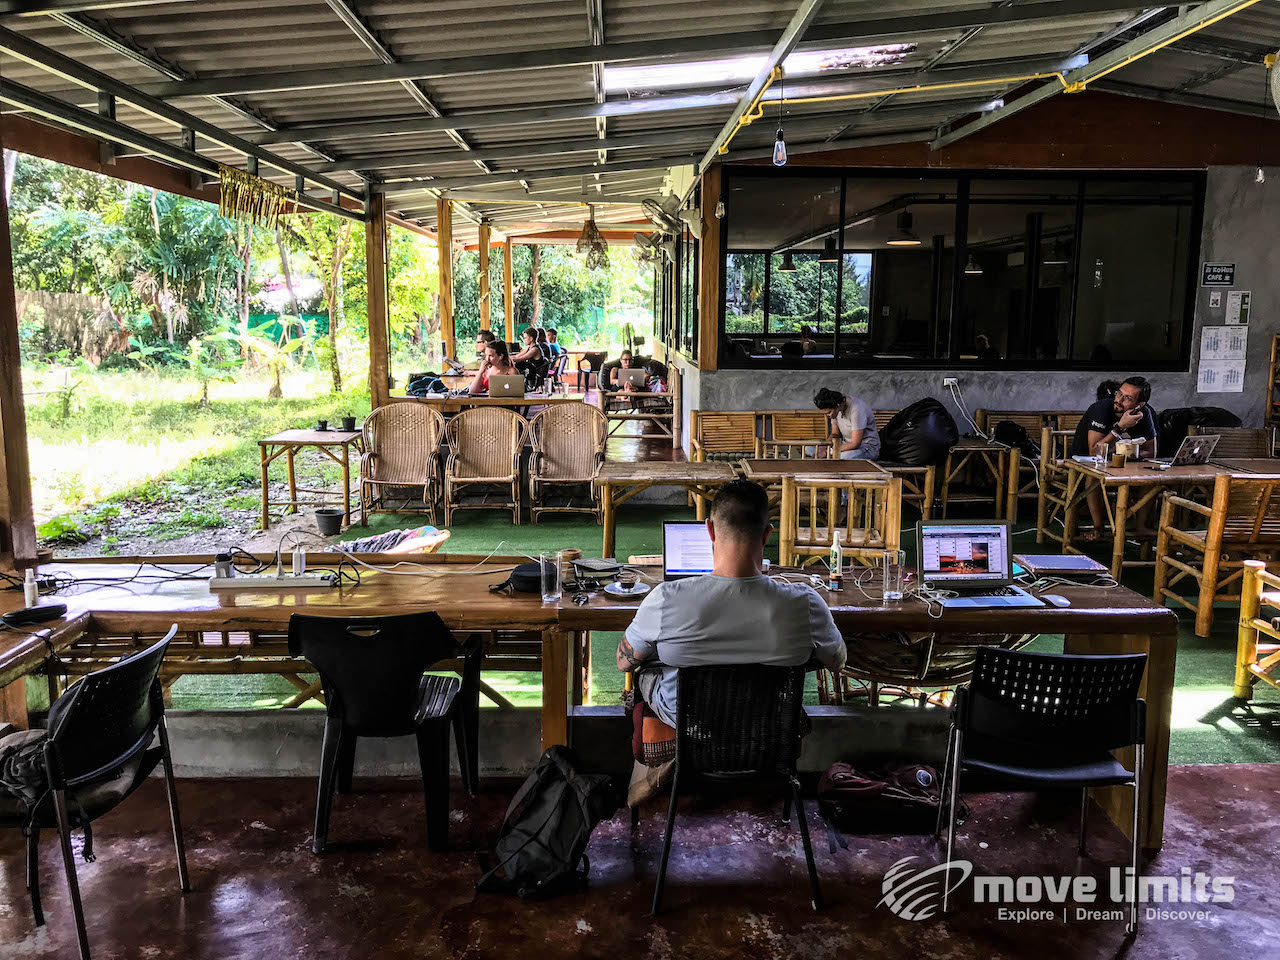 Deck - Remote arbeiten - Auf Koh Lanta bei den Digitalen Nomaden - movelimits.de